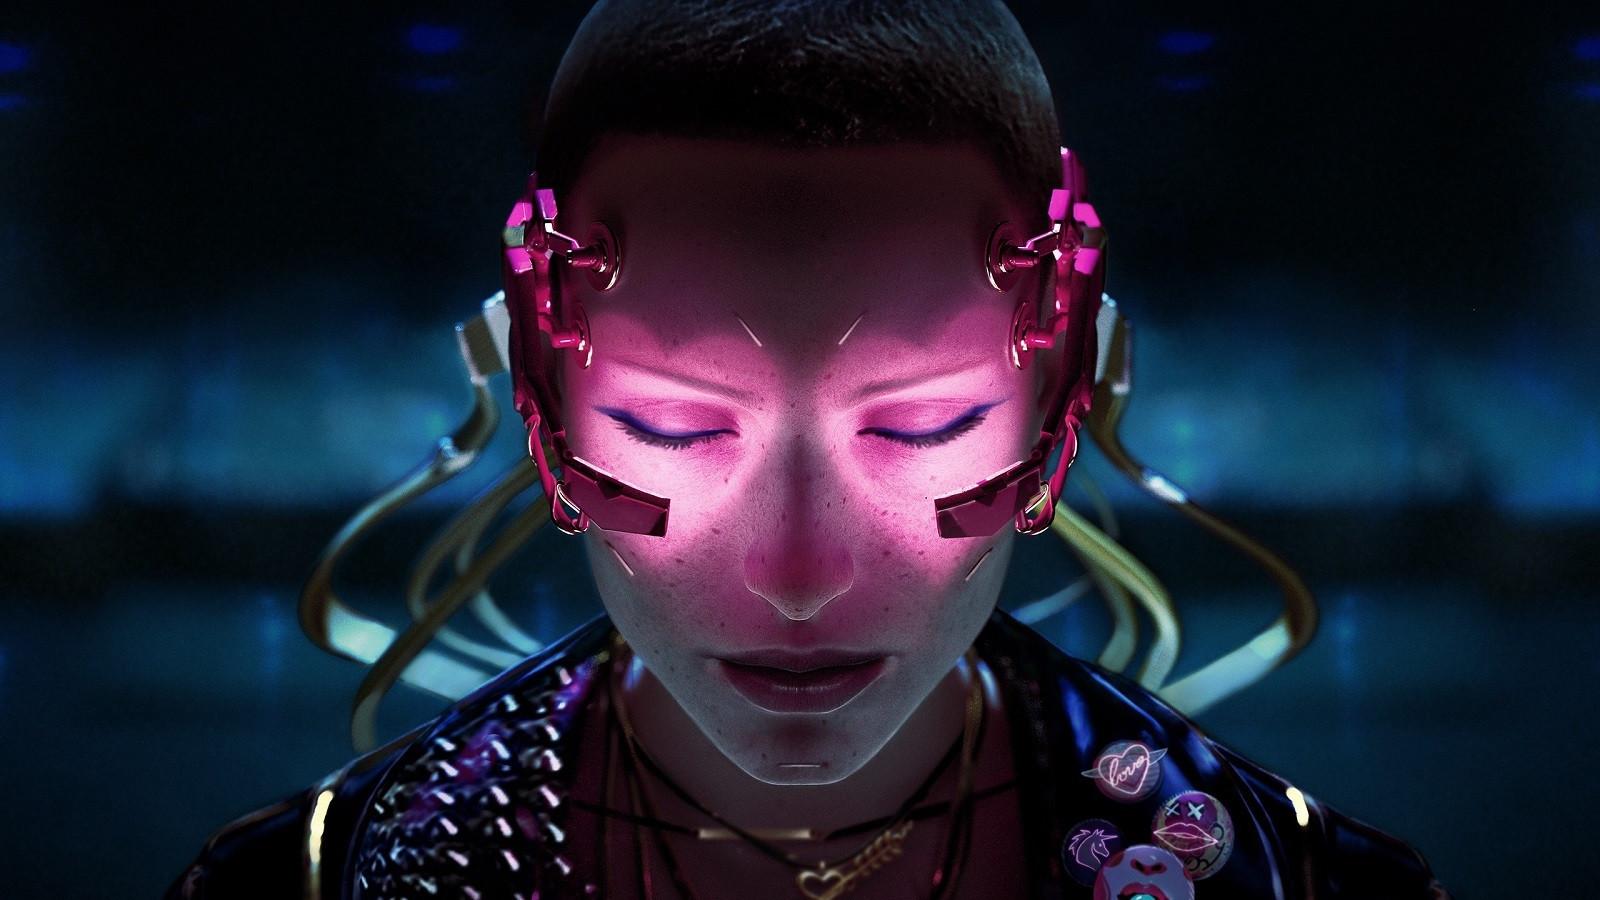 cyberpunk 2077 news